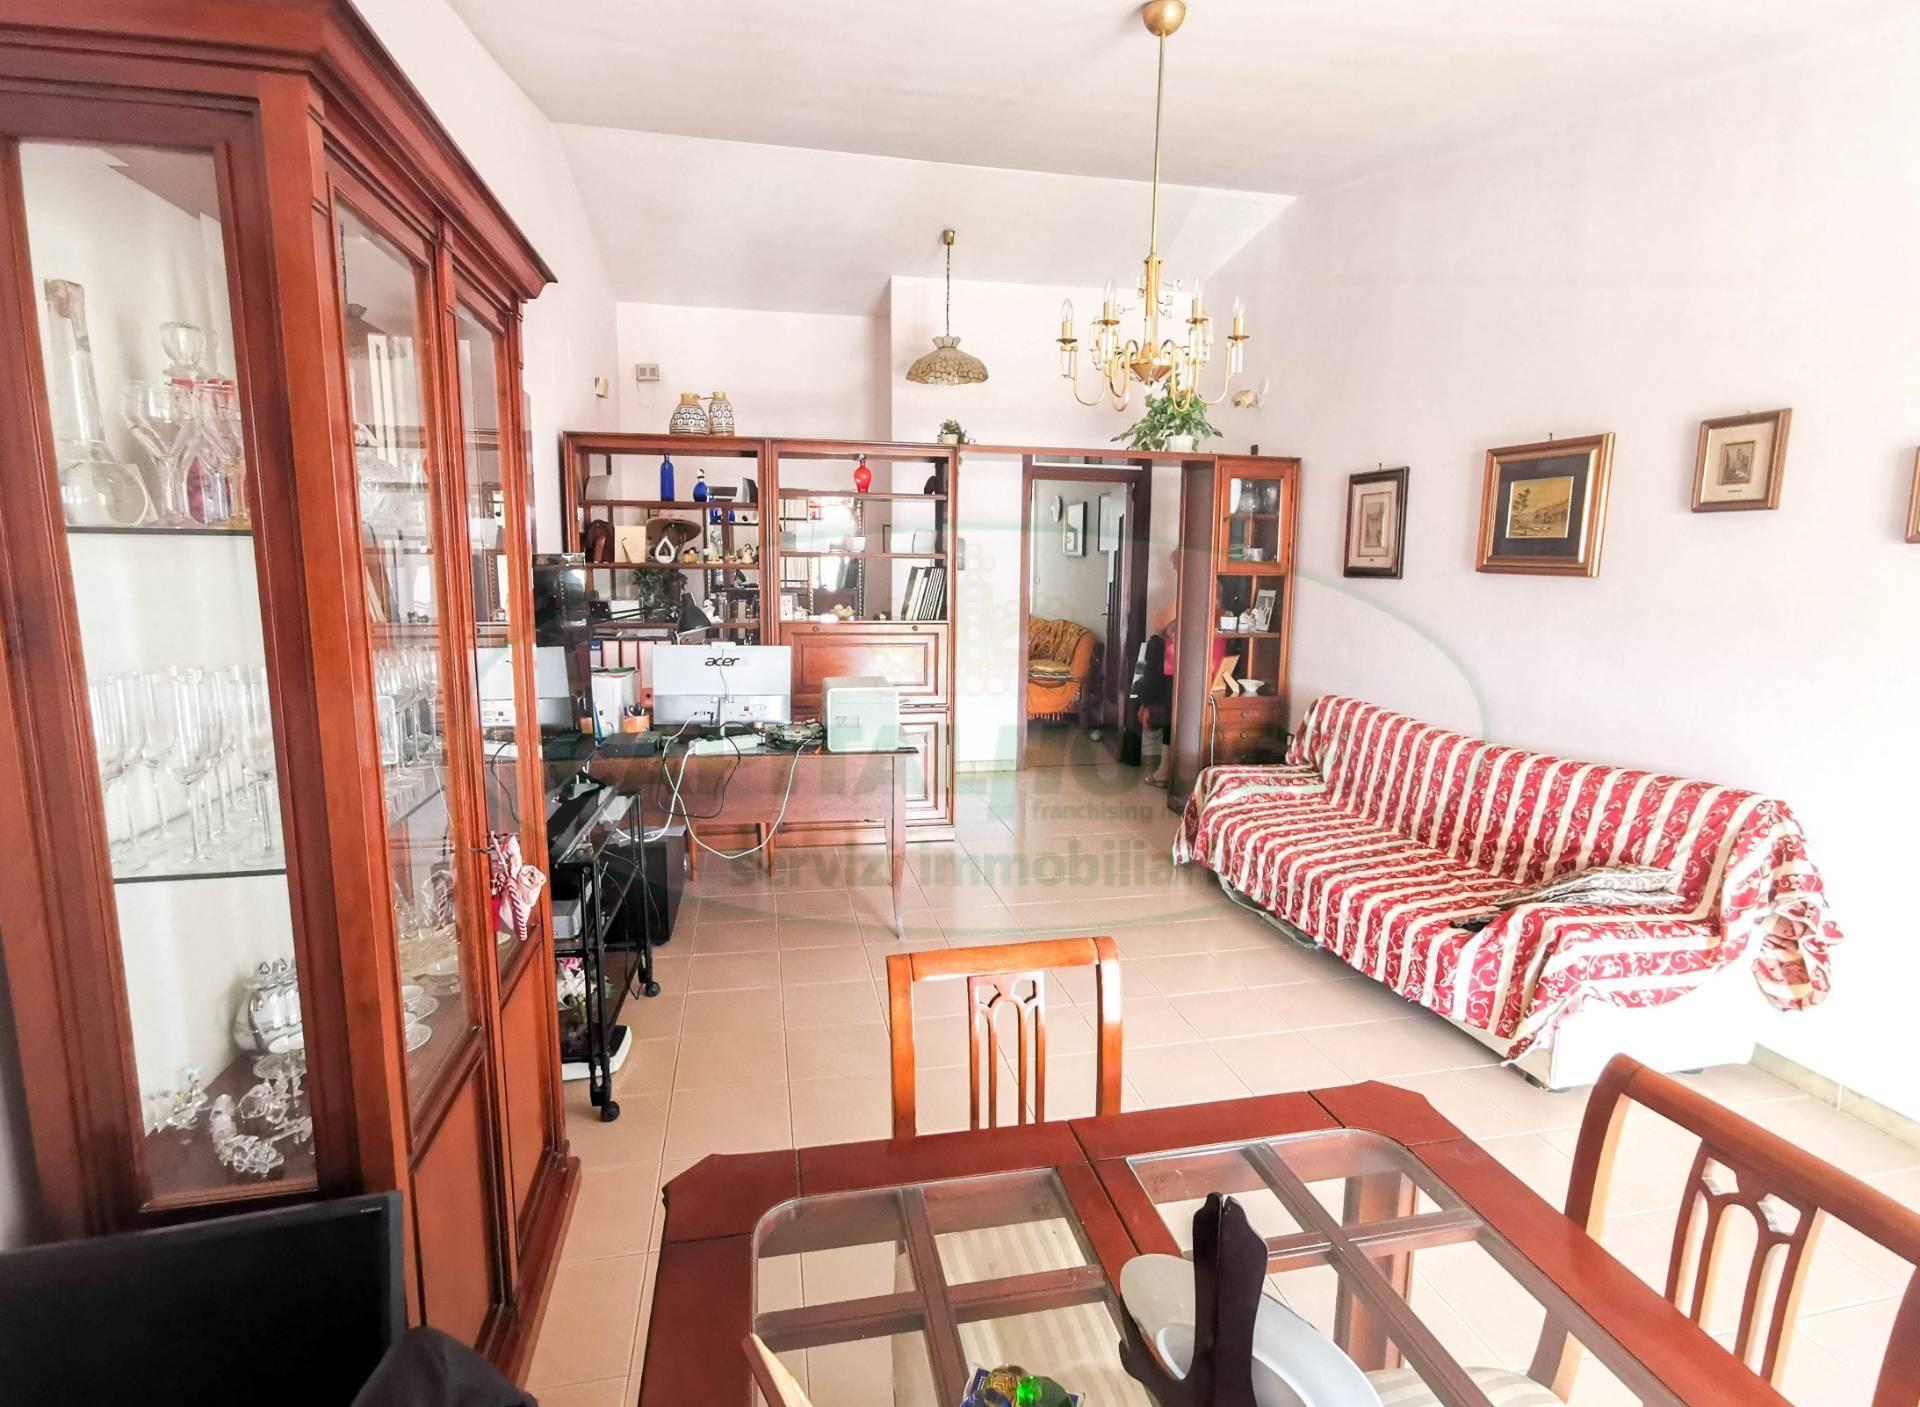 Appartamento in vendita a Capua, 4 locali, prezzo € 117.000 | PortaleAgenzieImmobiliari.it